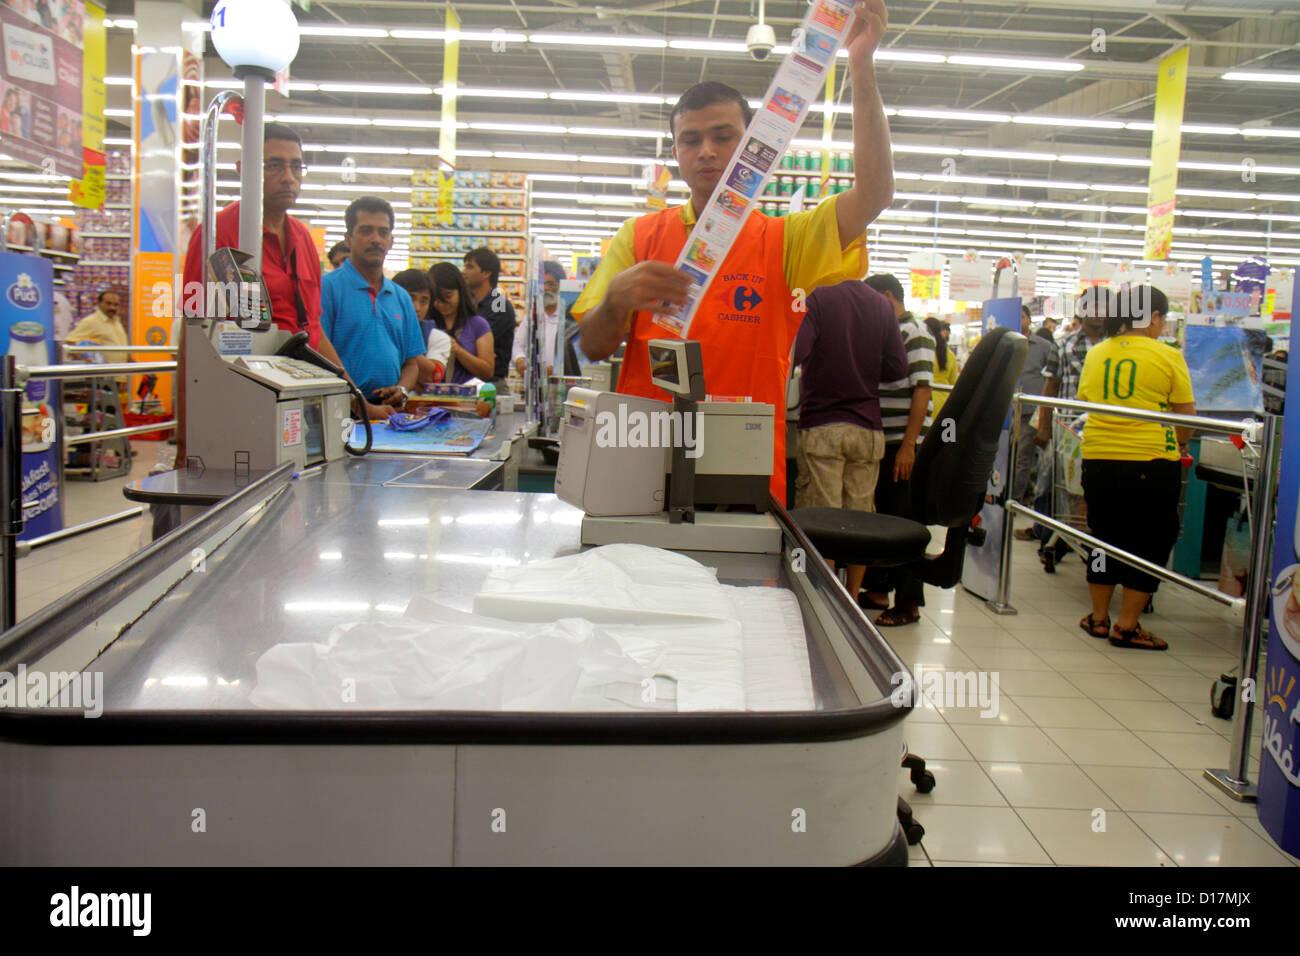 Dubai UAE United Arab Emirates U.A.E. Middle East Al Souqe Al Kabeer Carrefour Hyper Market shopping mega discount Stock Photo